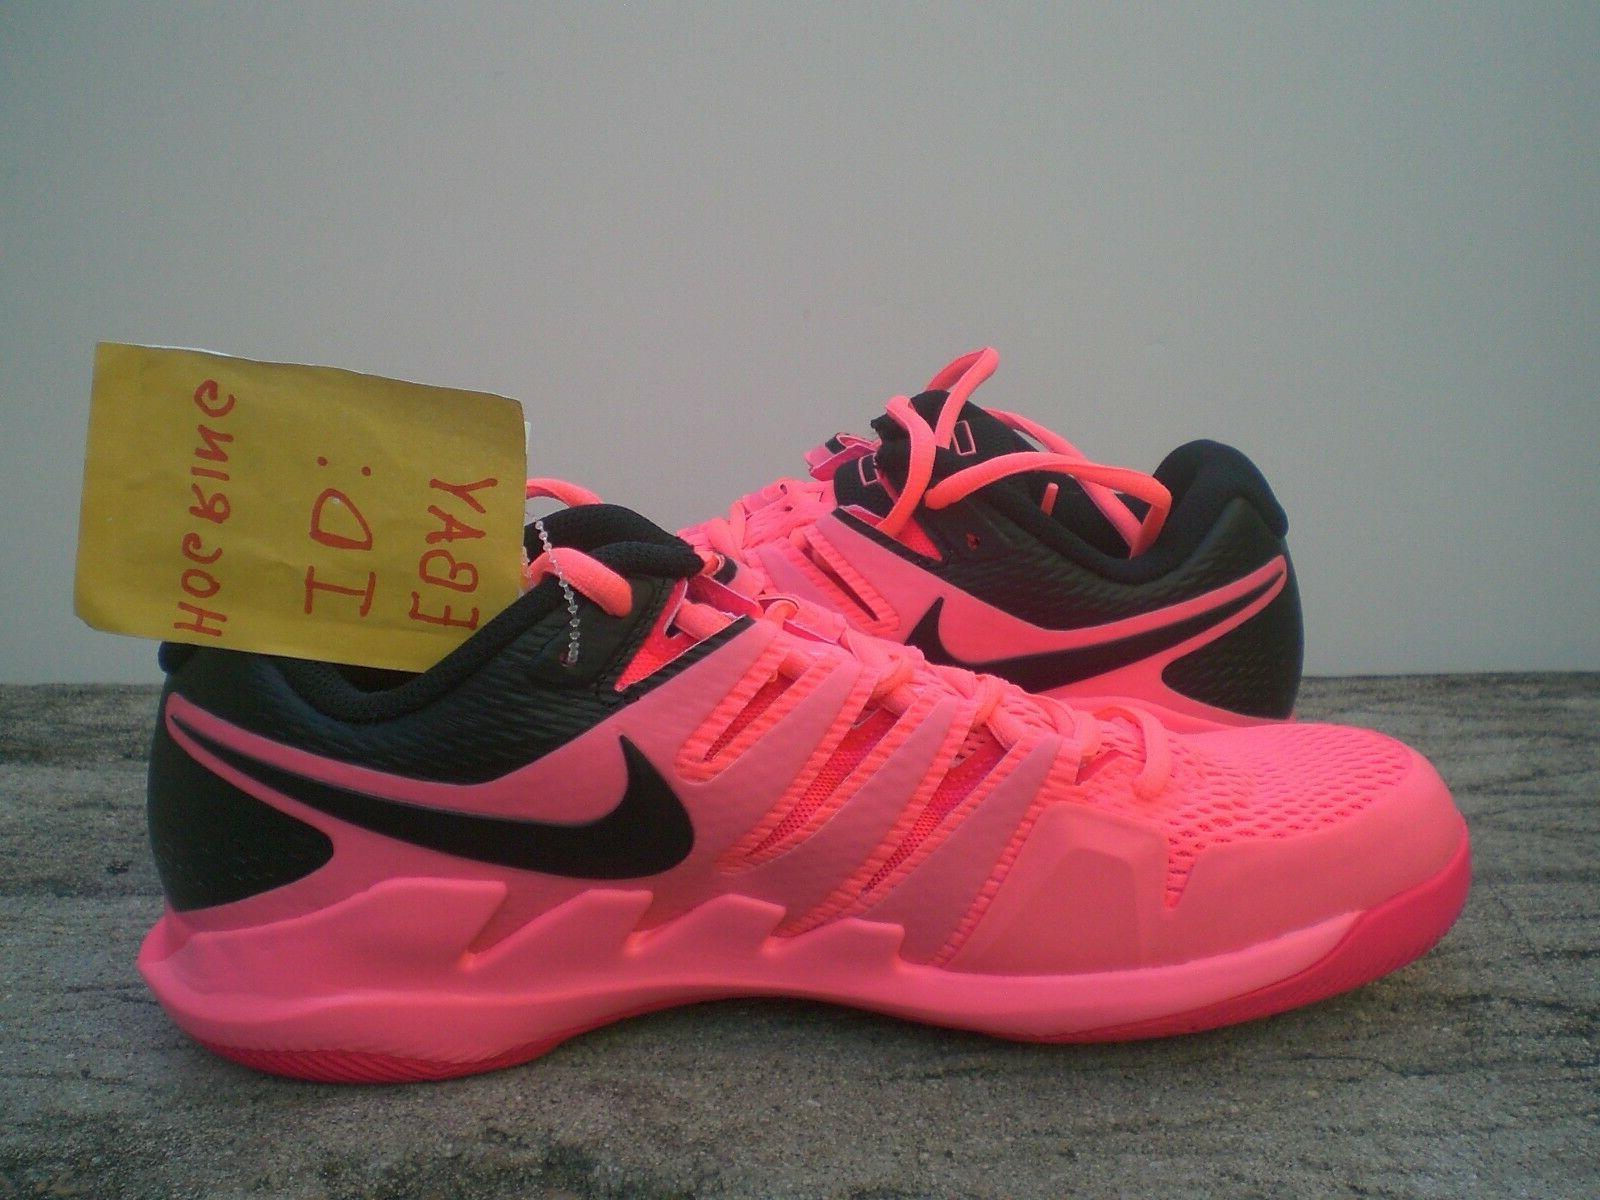 Nike X Men's Lava Tennis Shoes SZ 10